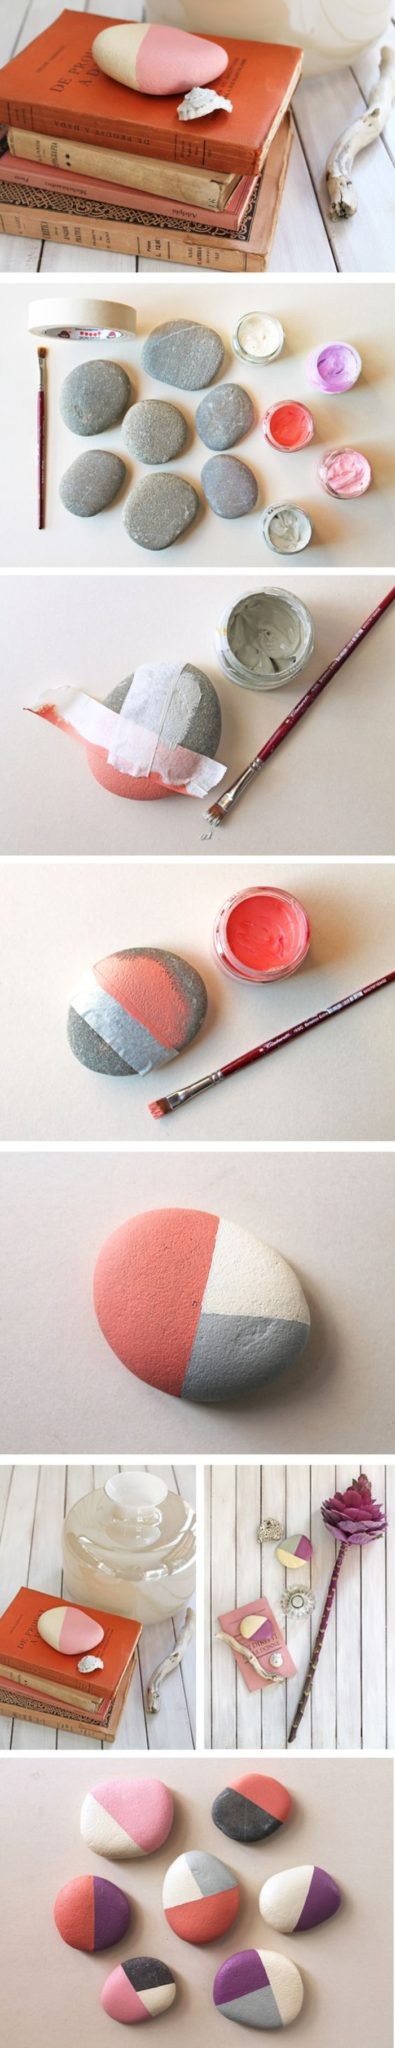 pebble painting ideas38